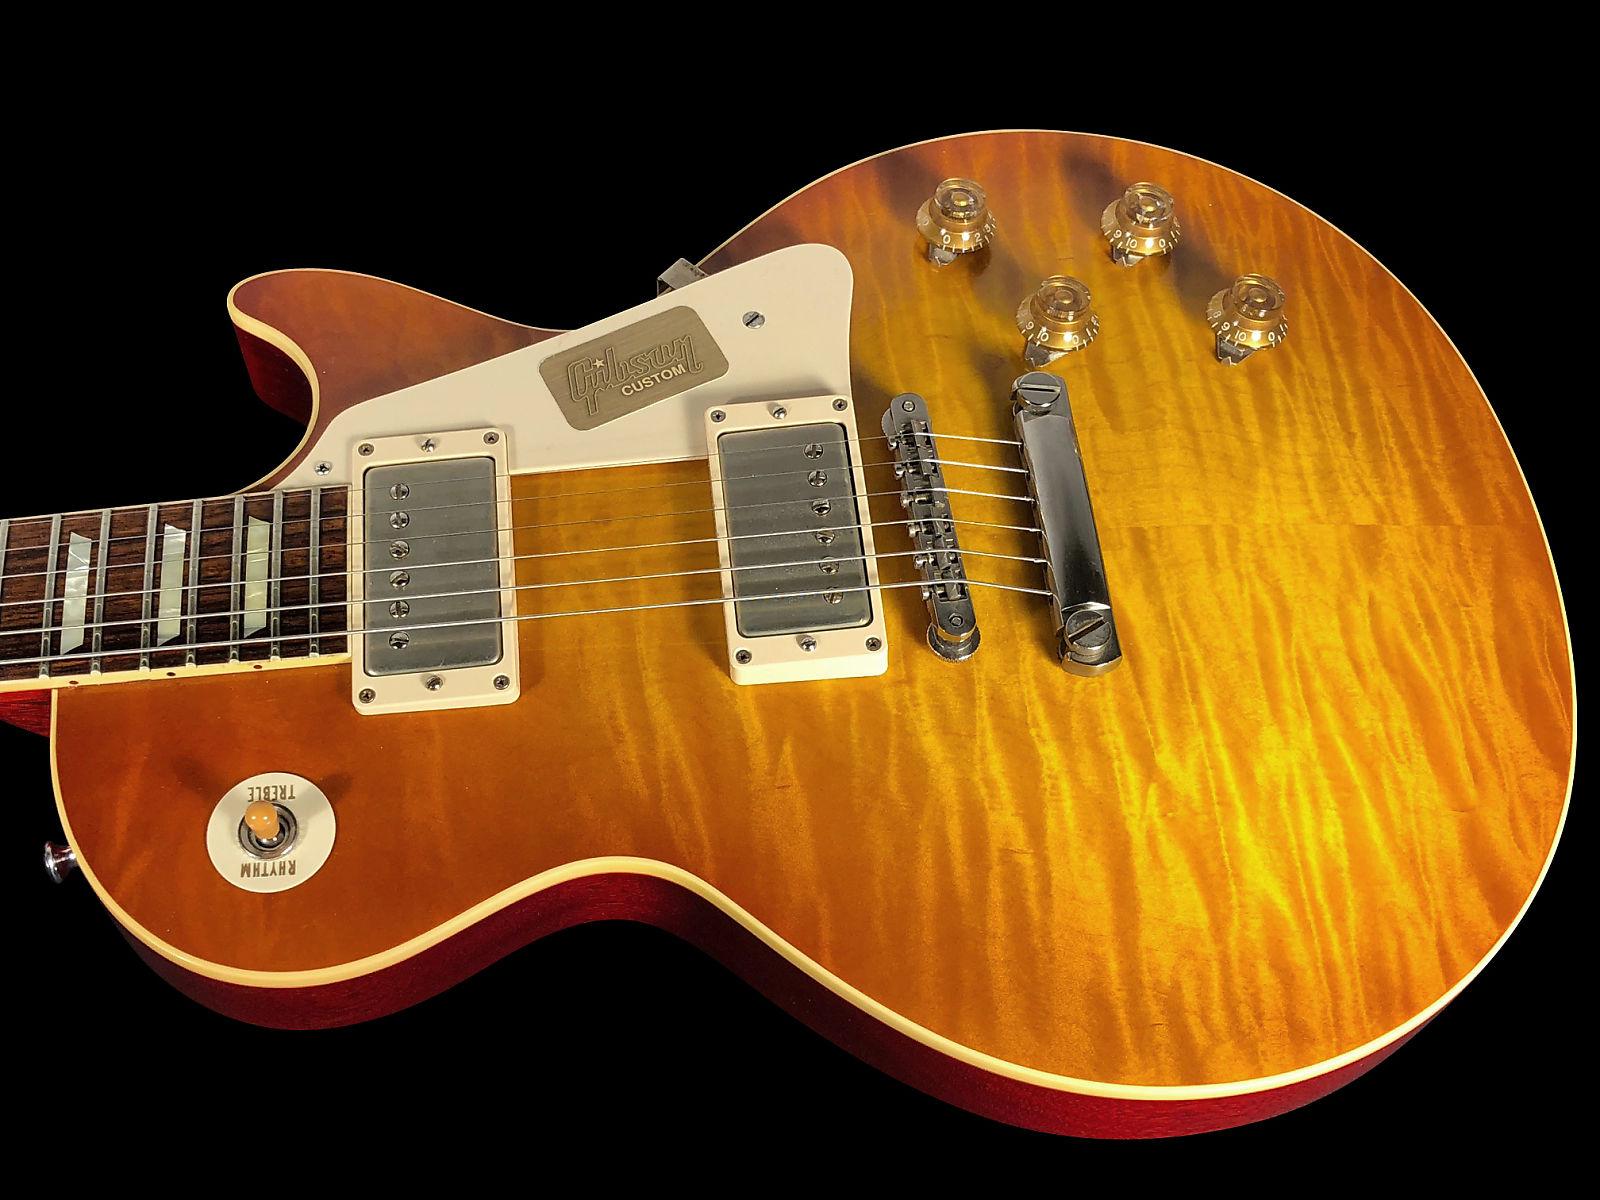 2014 Gibson Les Paul 1959 Custom Shop 59 Historic R9 VOS ~ Sunrise Tea  Burst ! ONLY 8 LBS!